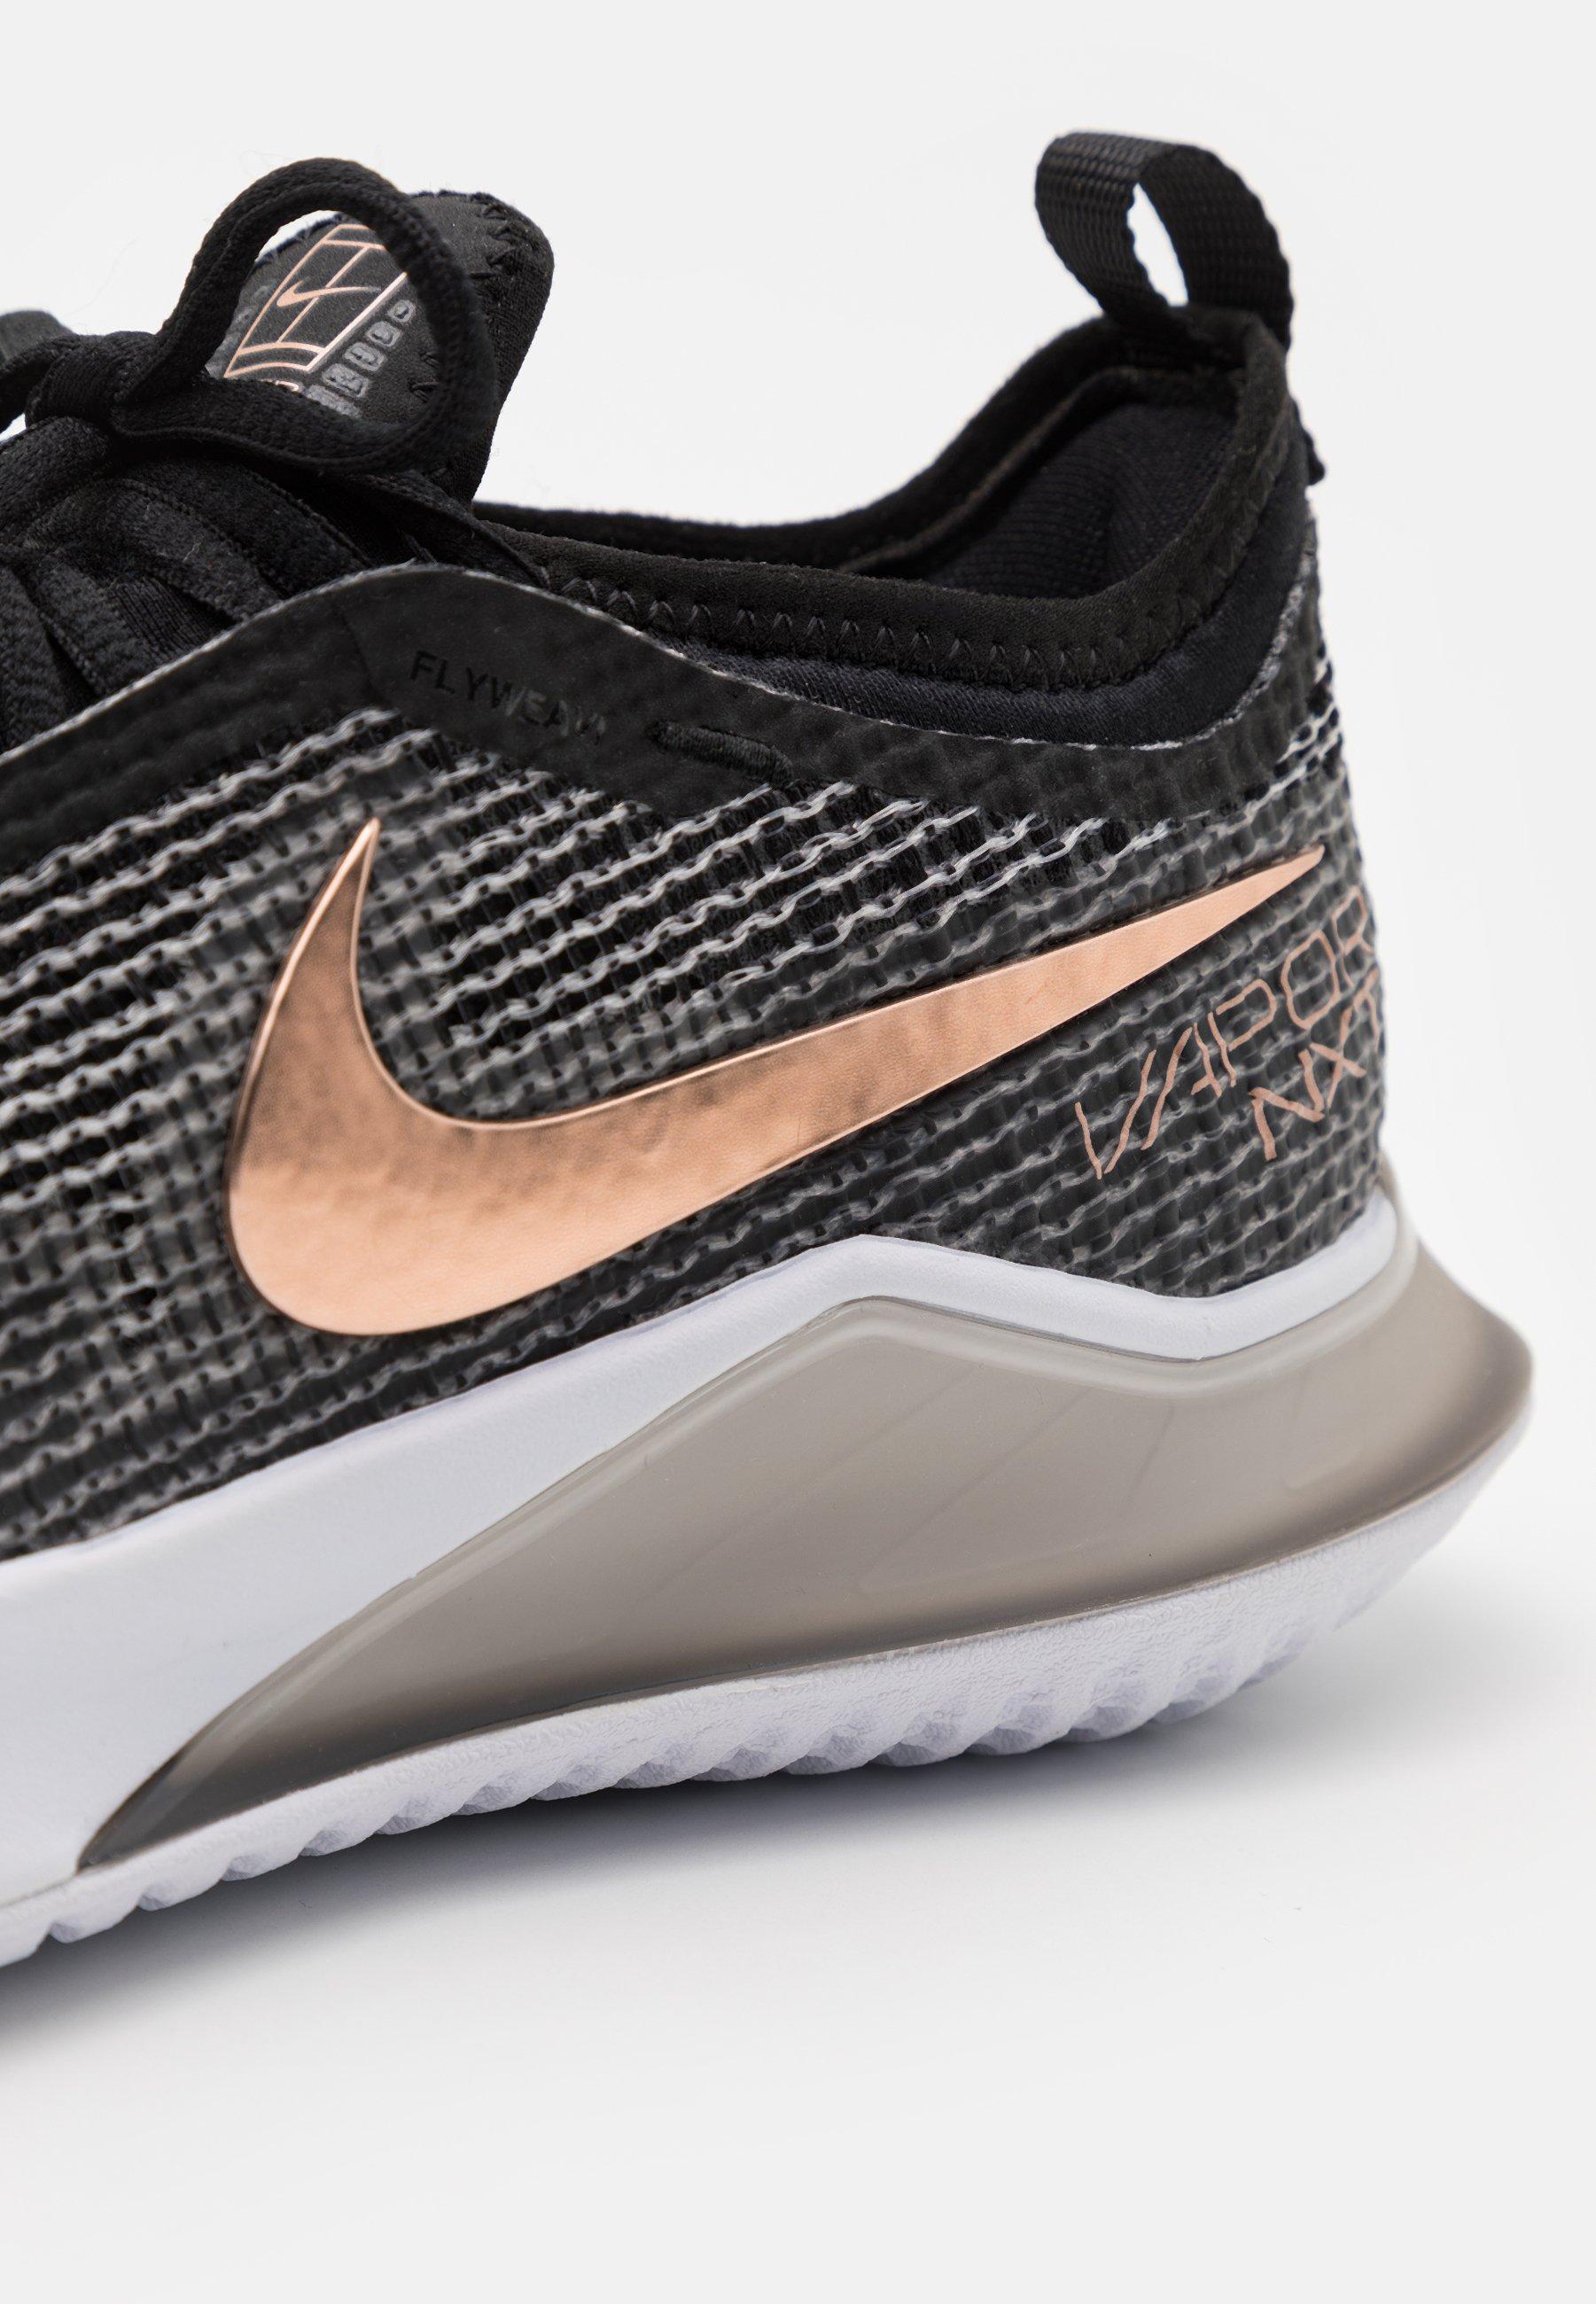 Femme REACT VAPOR NXT - Chaussures de tennis toutes surfaces